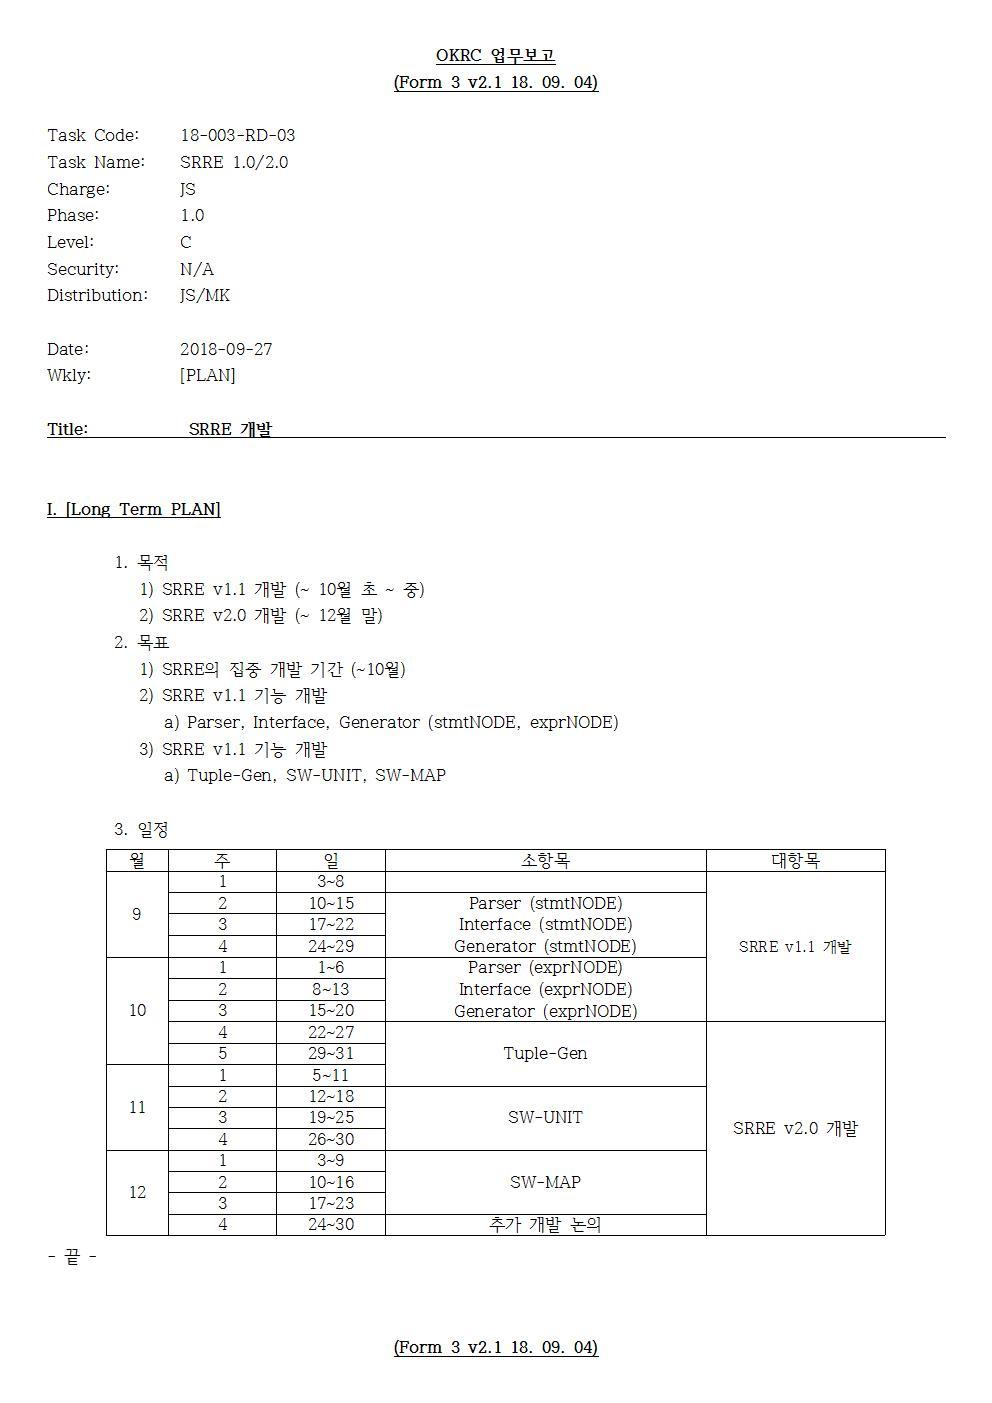 D-[18-003-RD-03]-[SRRE]-[2018-09-27][JS]001.jpg